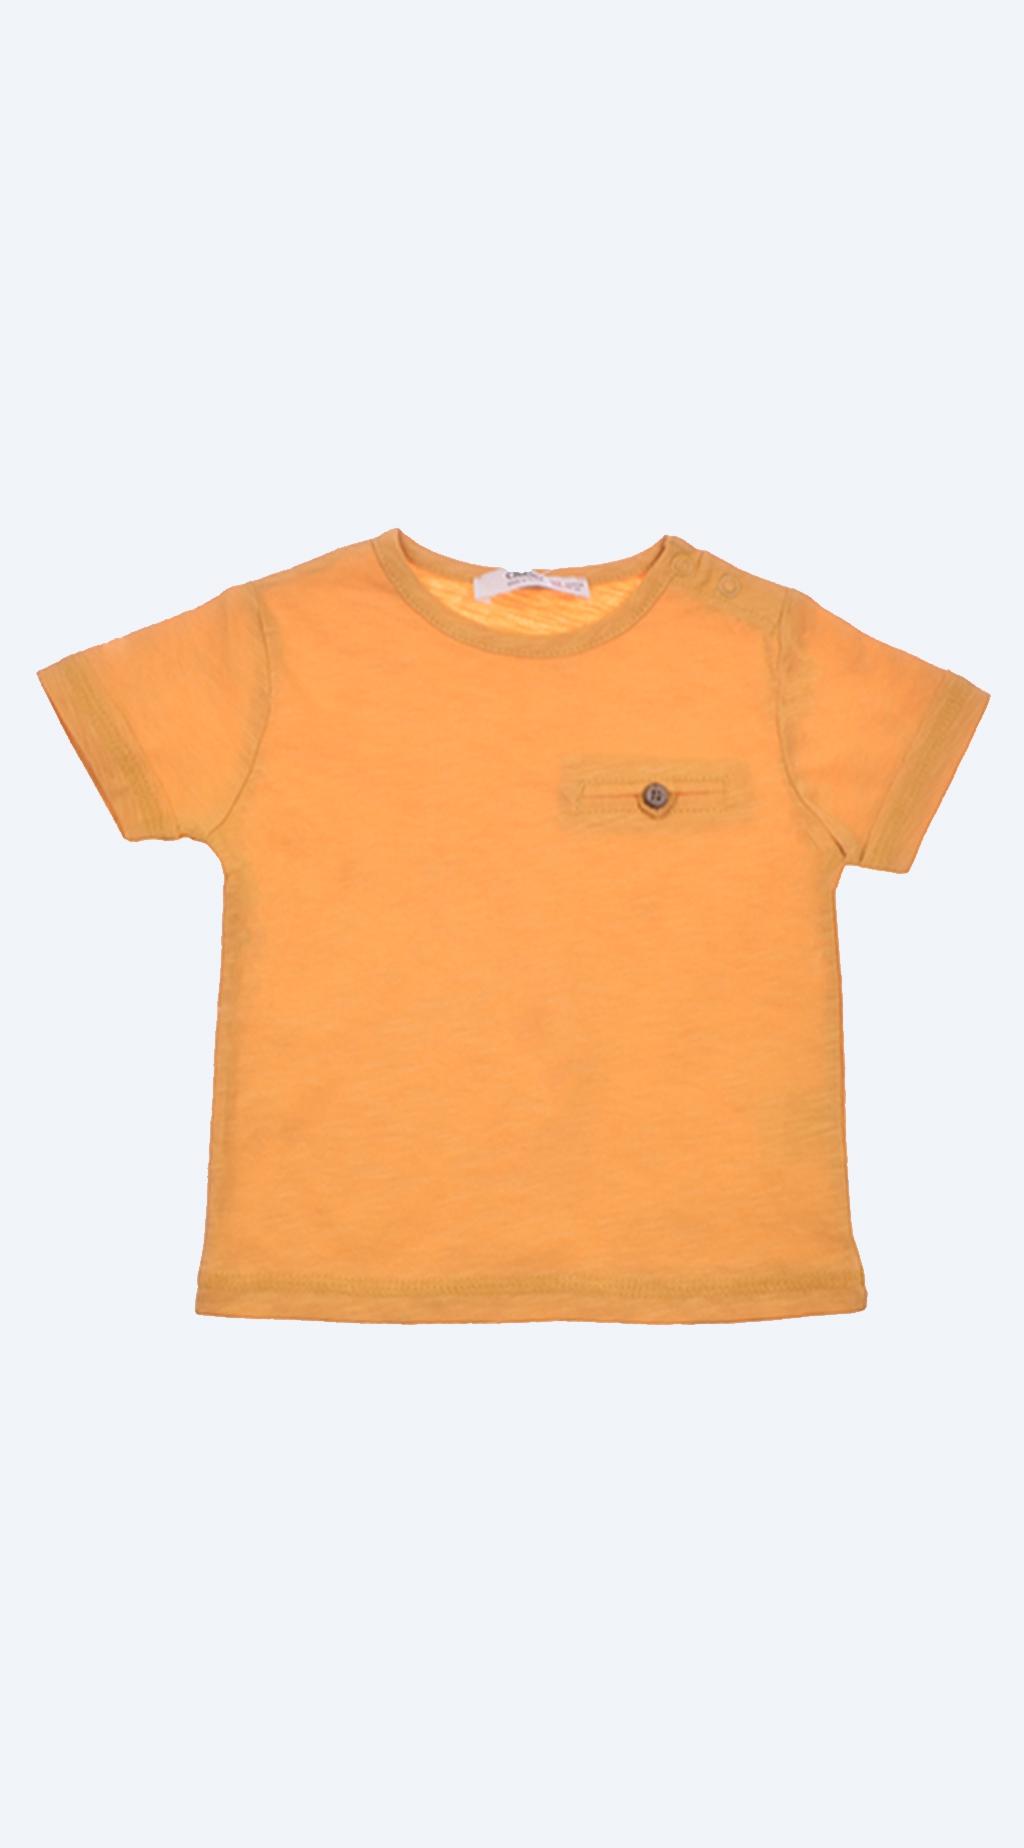 T-shirt for boy